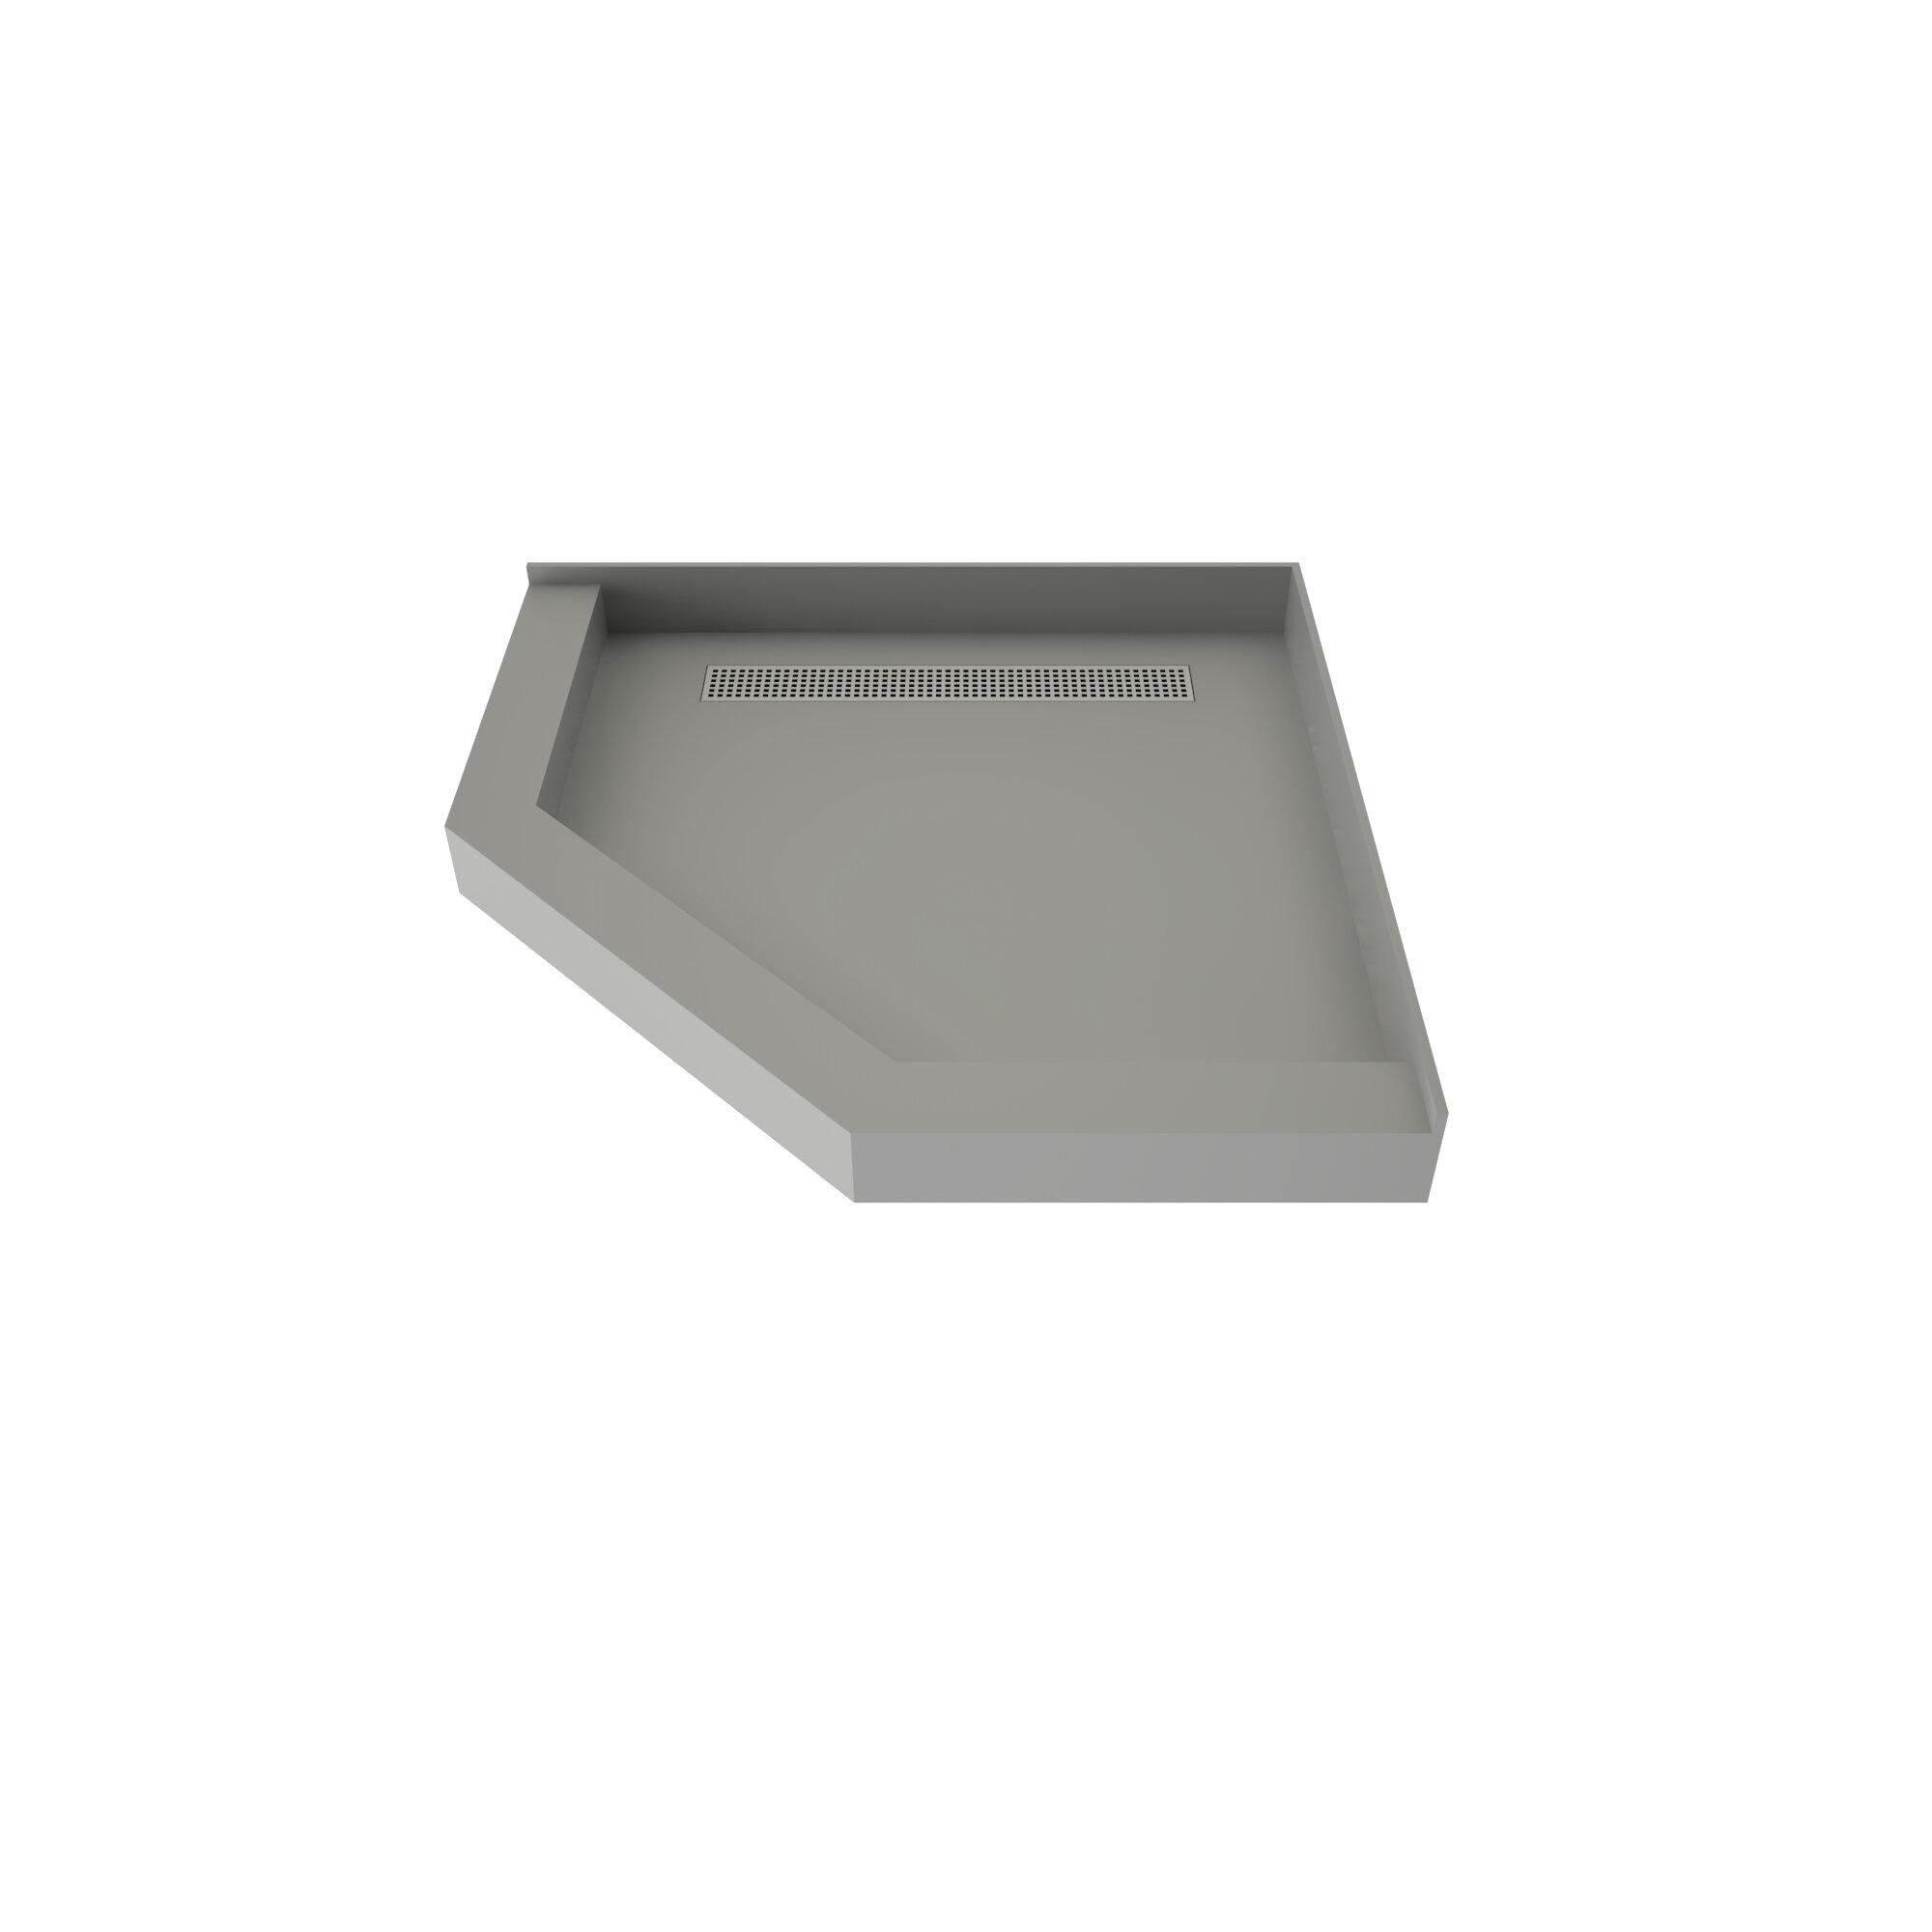 Tile Redi Trzf3248 Bi 32x48 Pan Z Flashing Kit